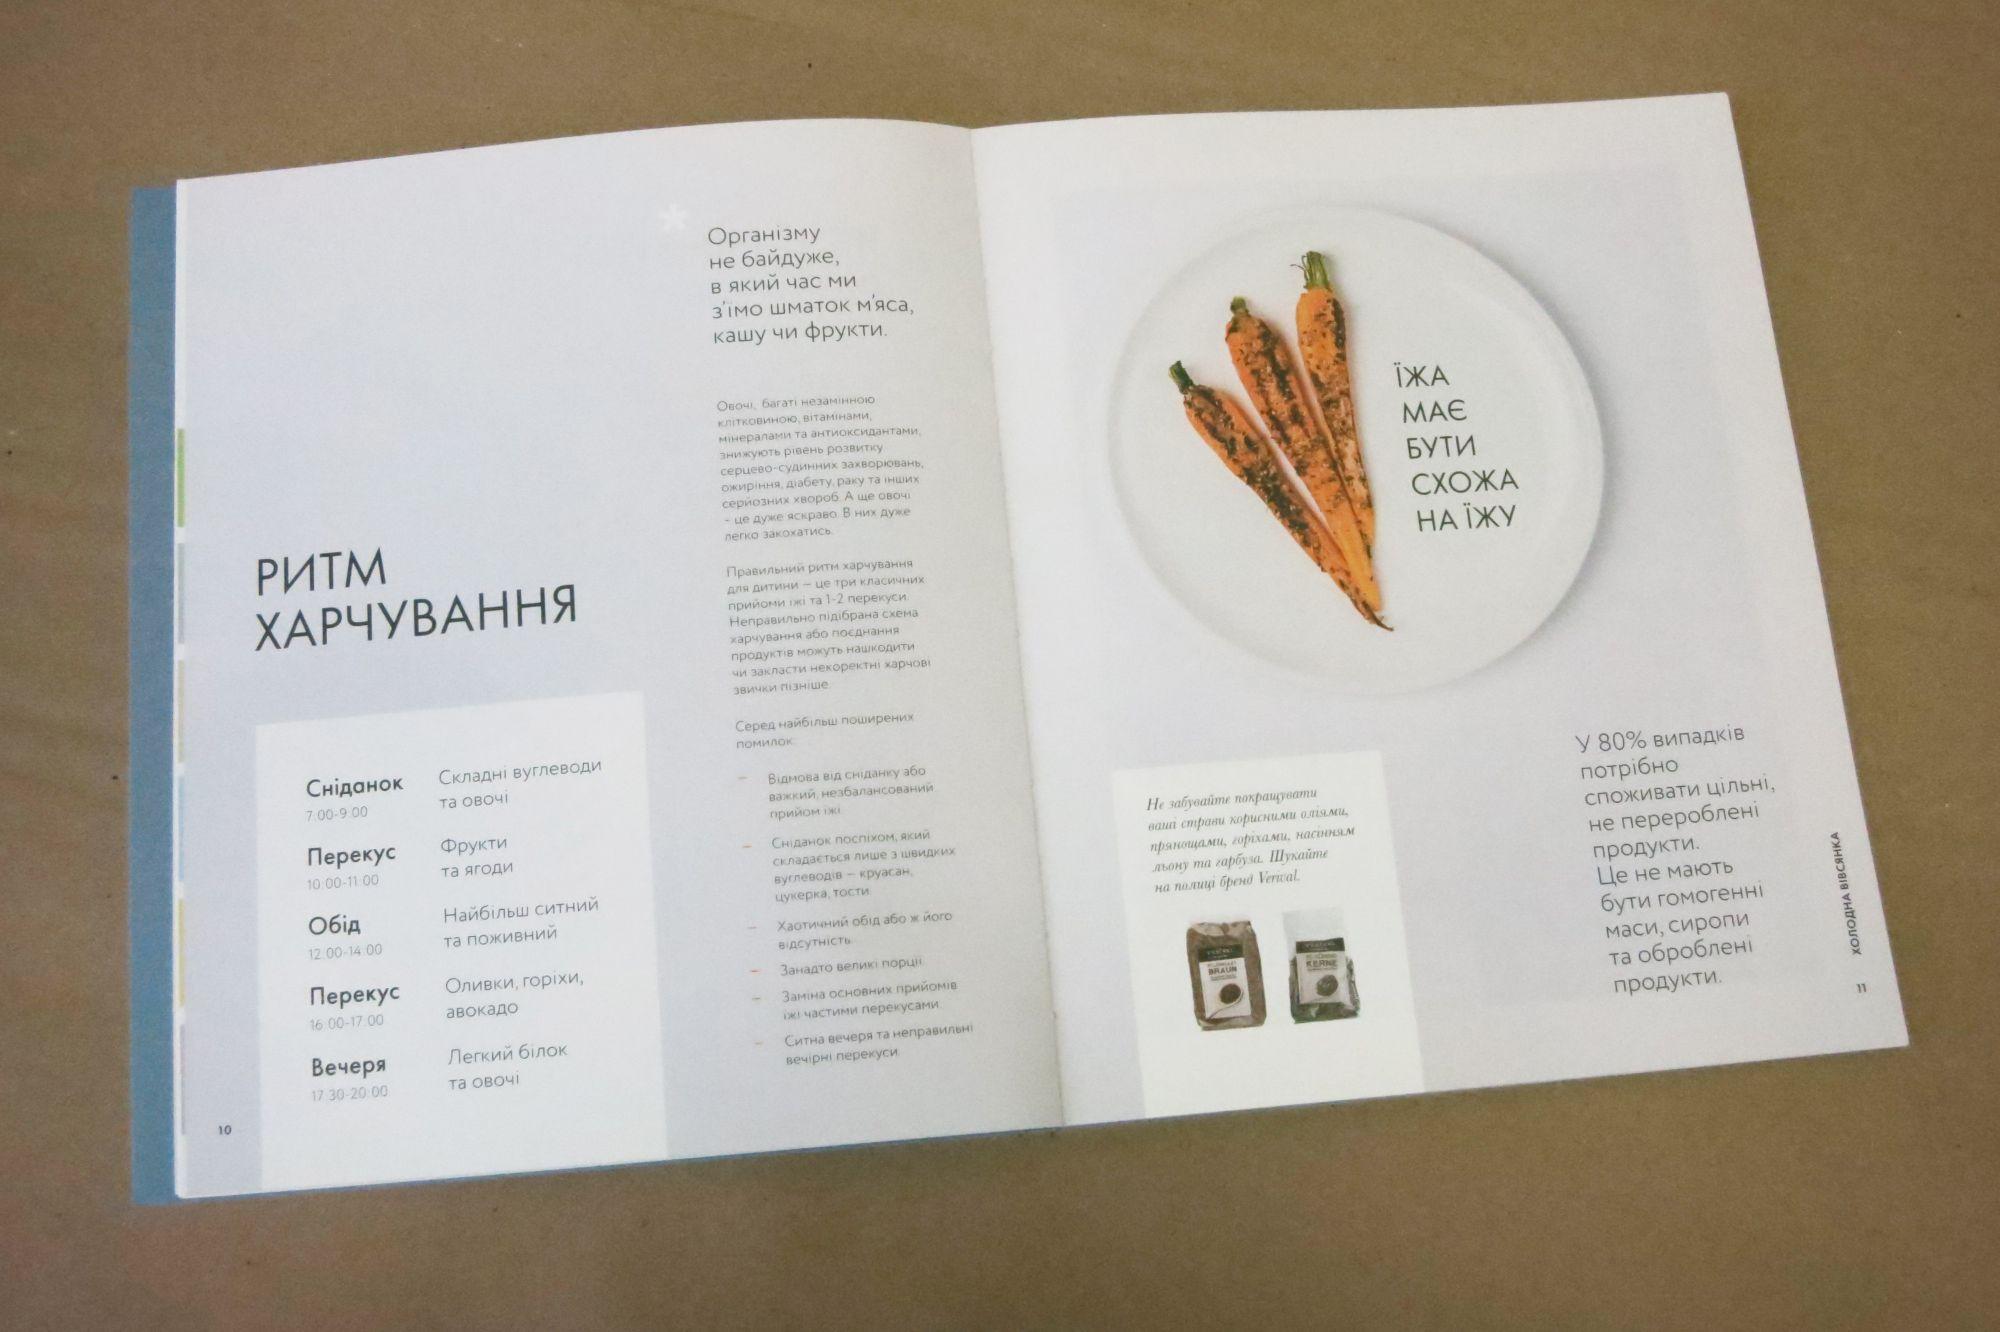 Буклеты для Good Wine - пример печати в типографии huss